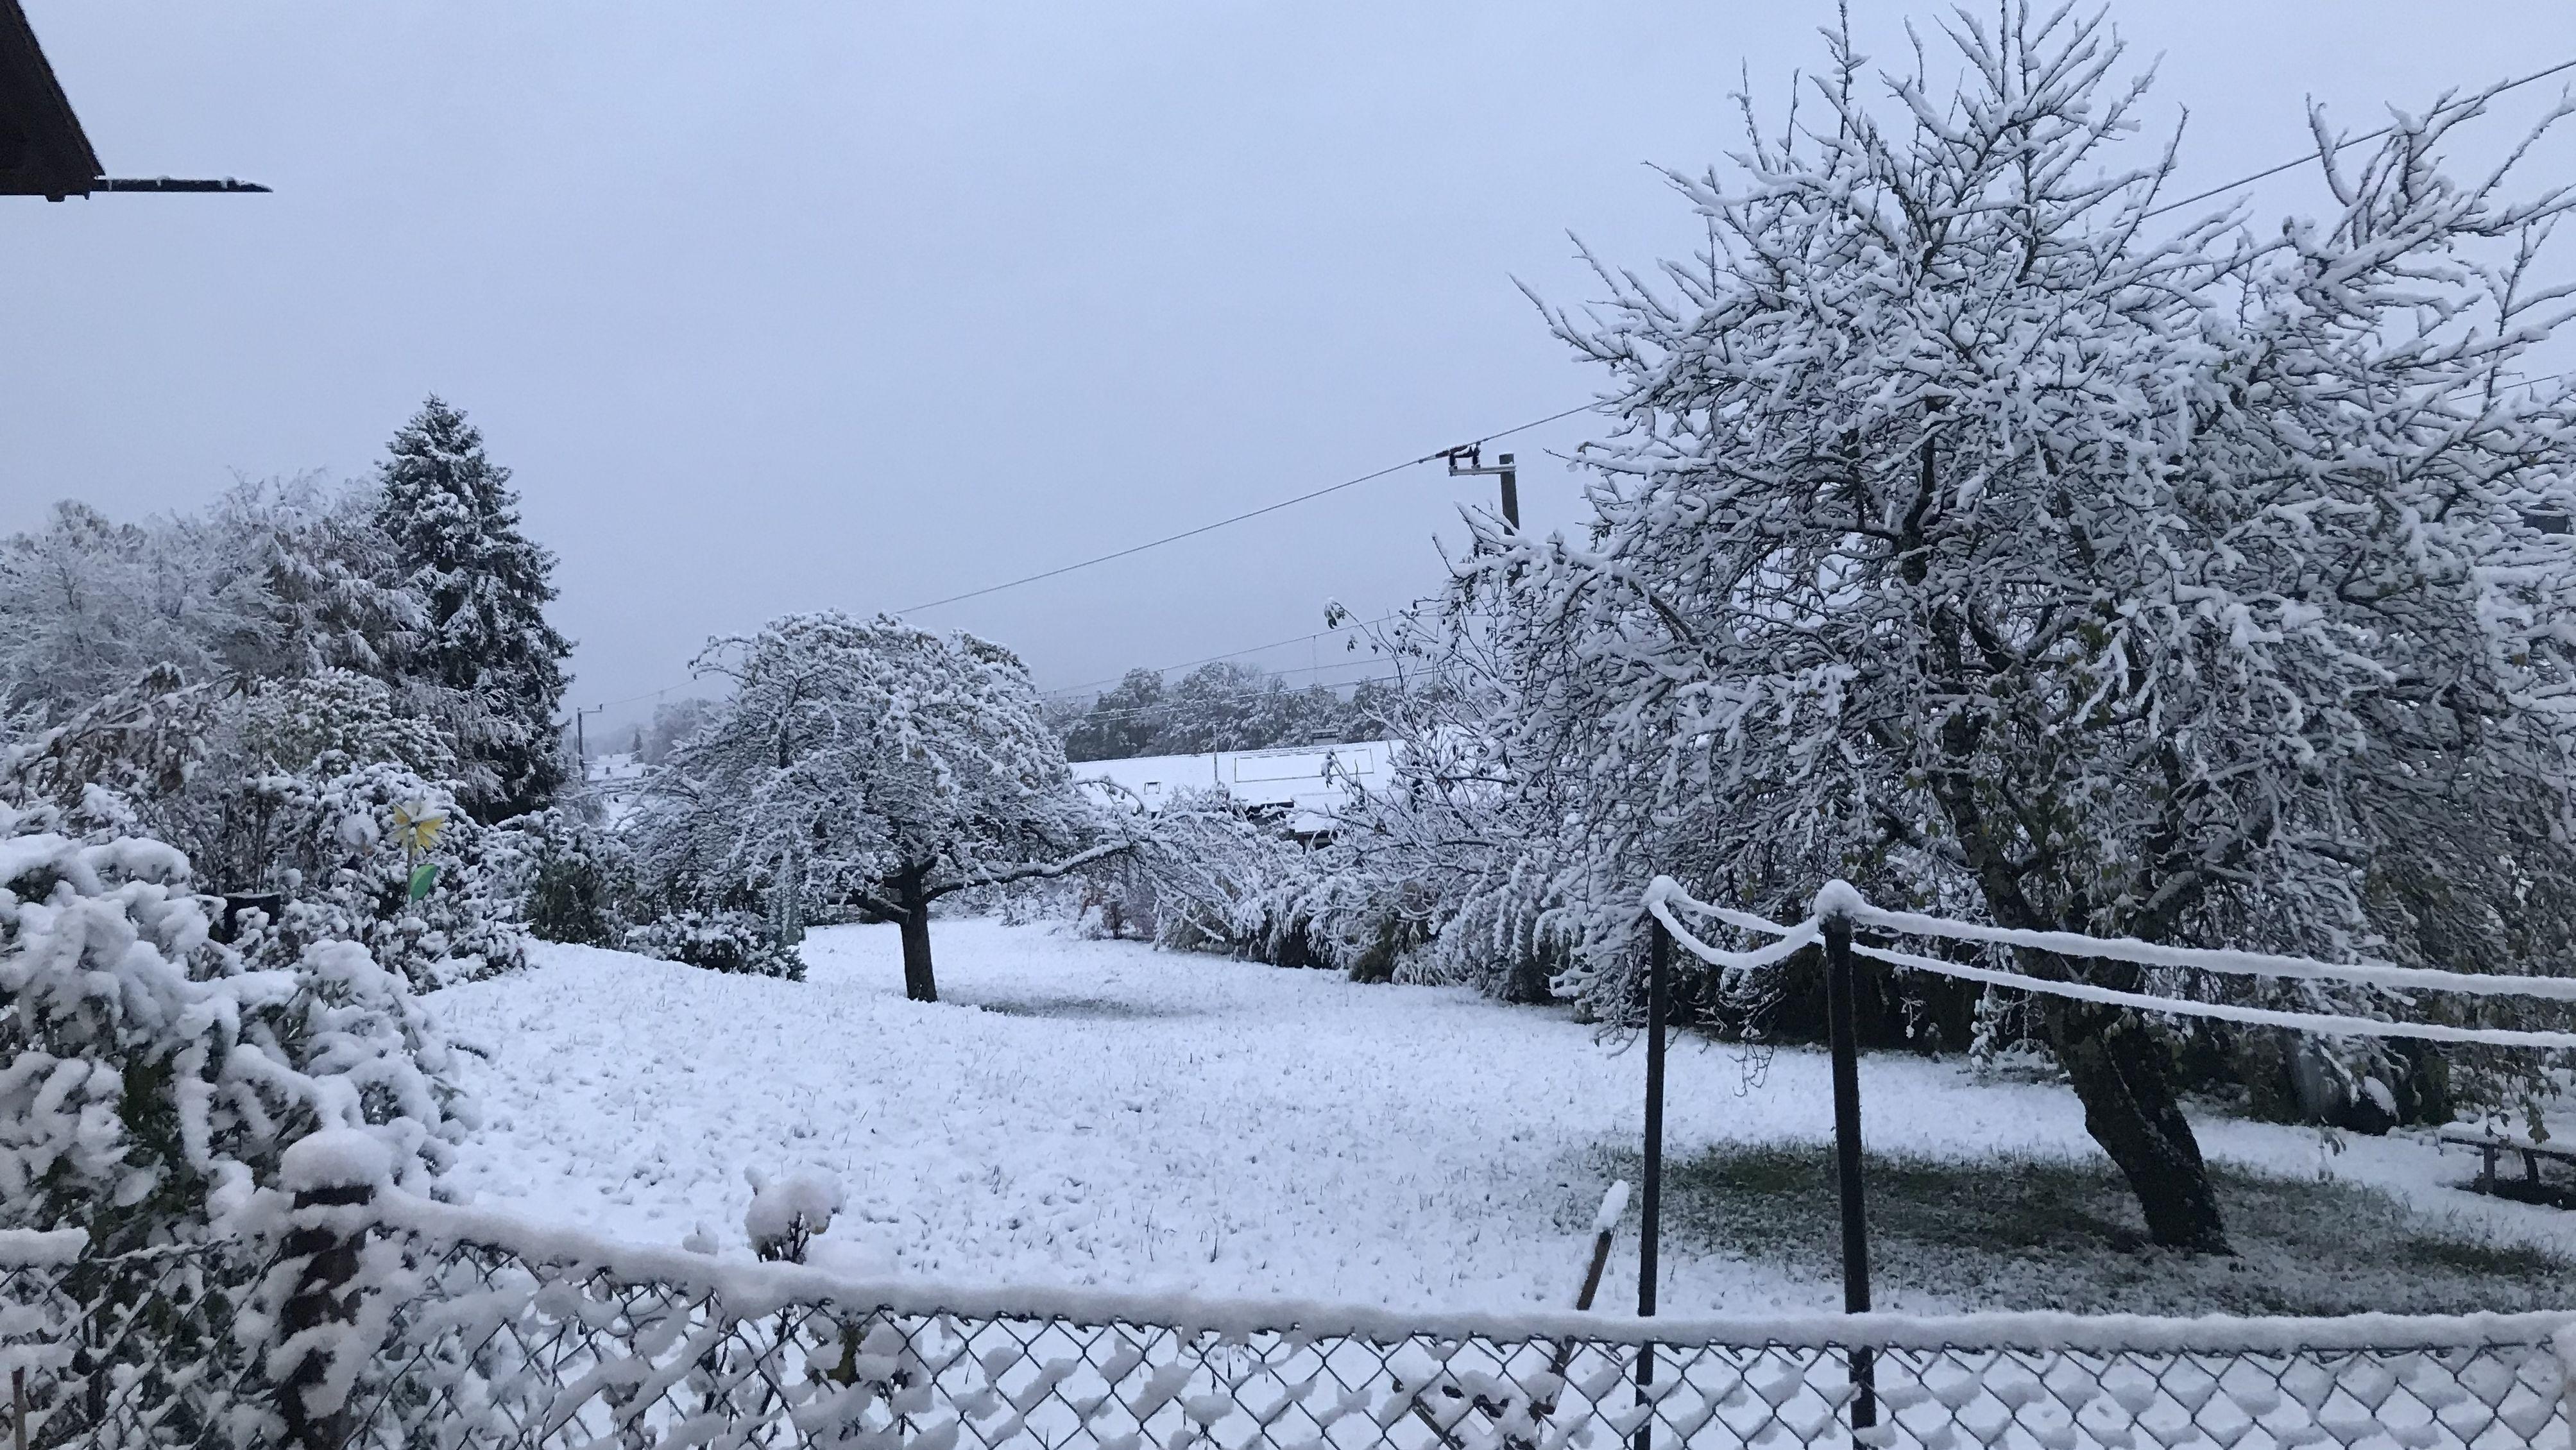 Schnee auf Bäumen, Wiesen und Dächern in Murnau